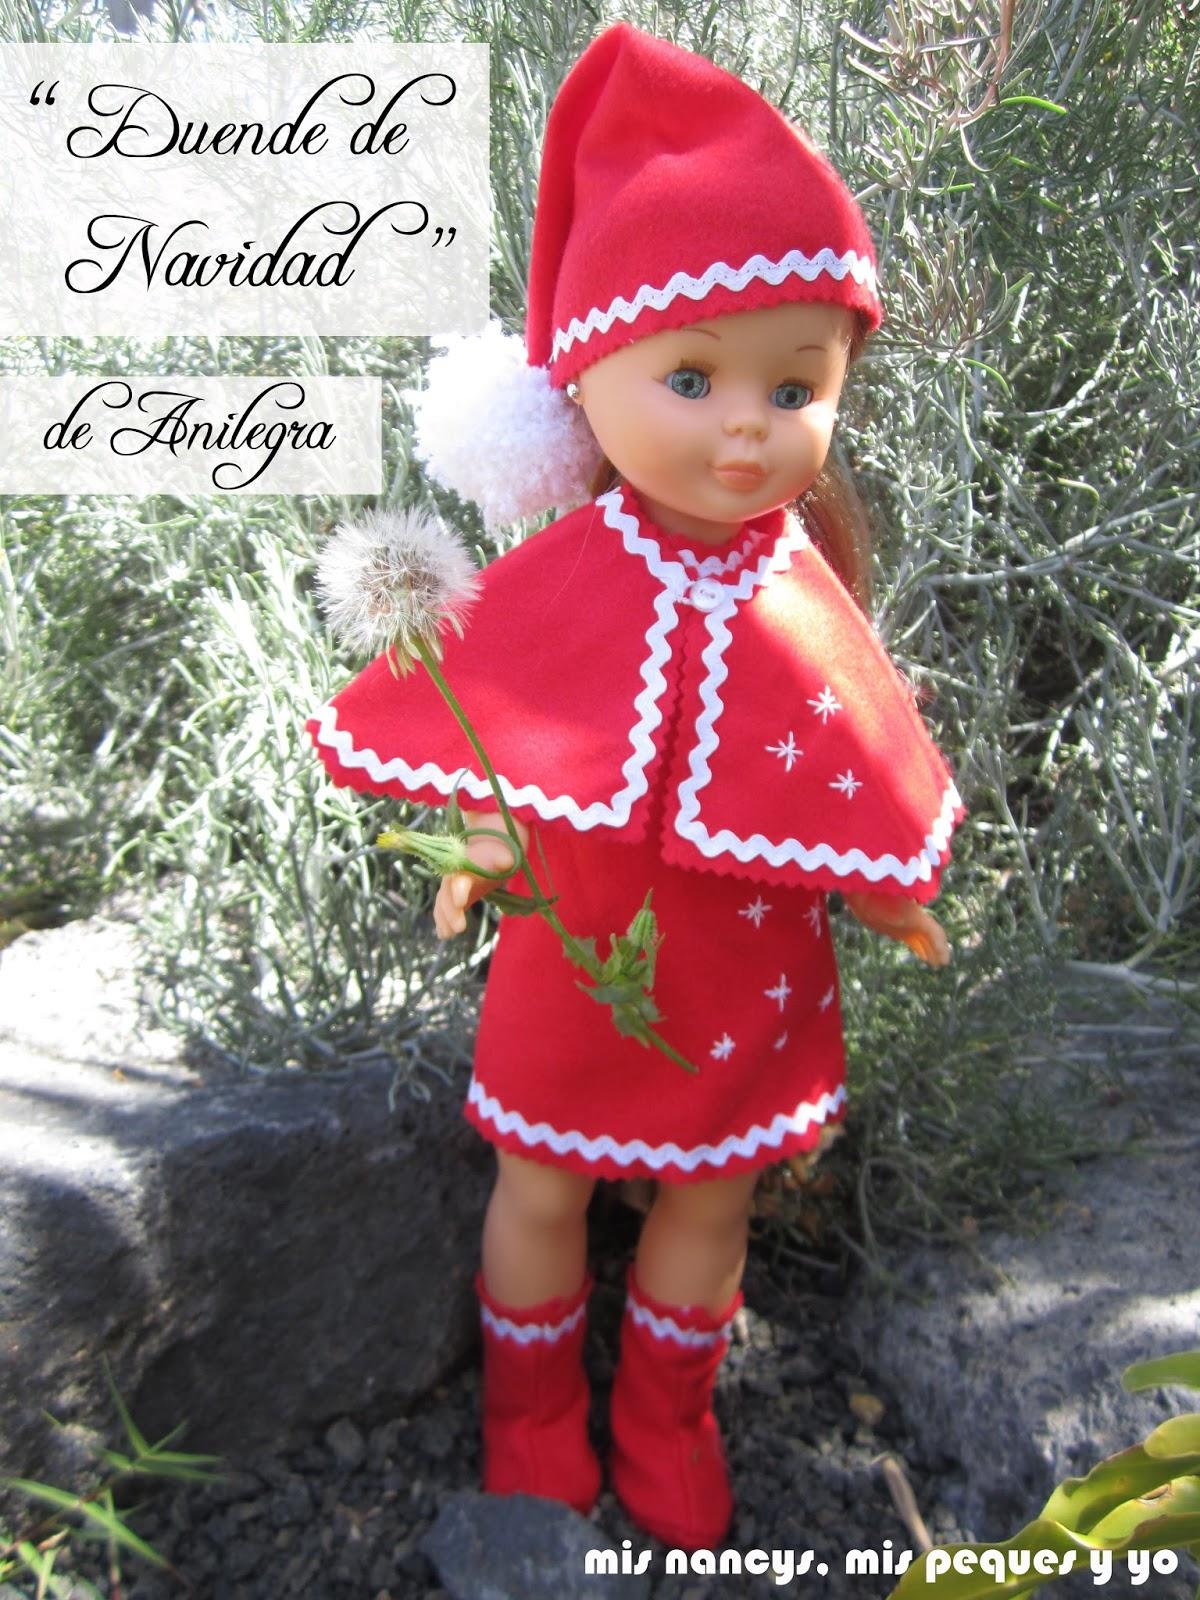 mis nancys, mis peques y yo, disfraz duende de navidad nancy